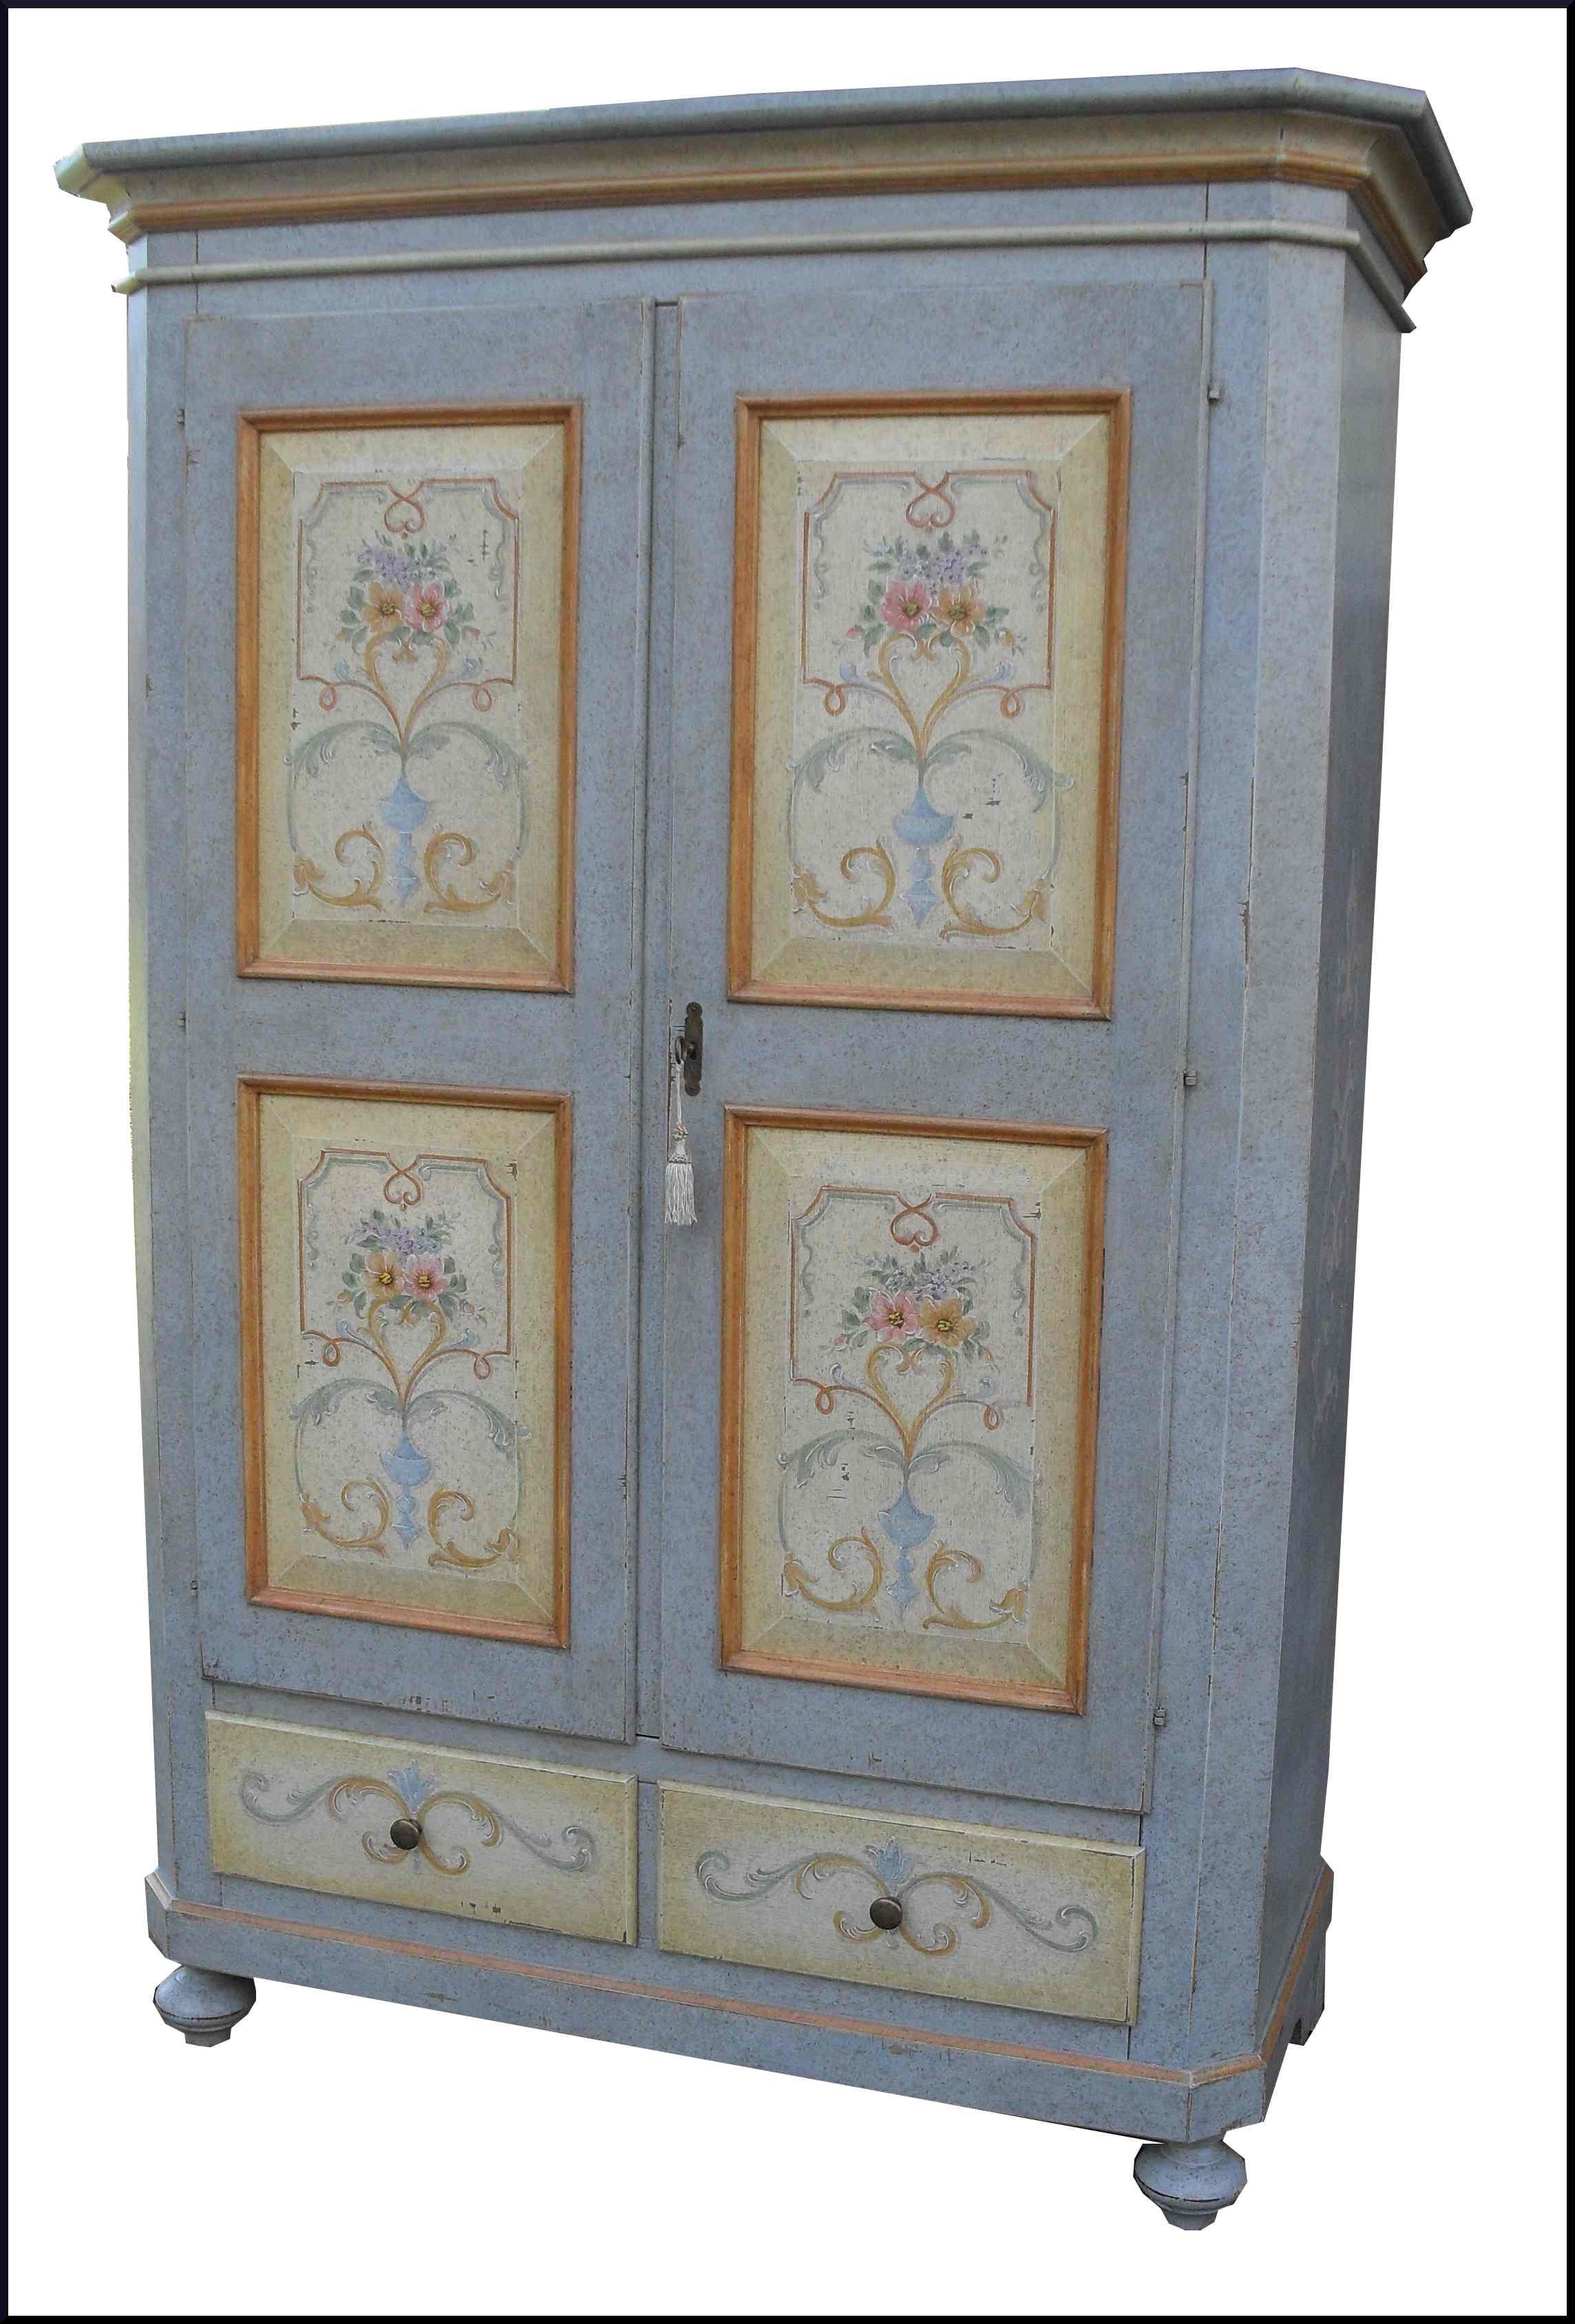 Armadio dipinto decorato laccato a mano la commode di davide corno - Armadi decorati ...